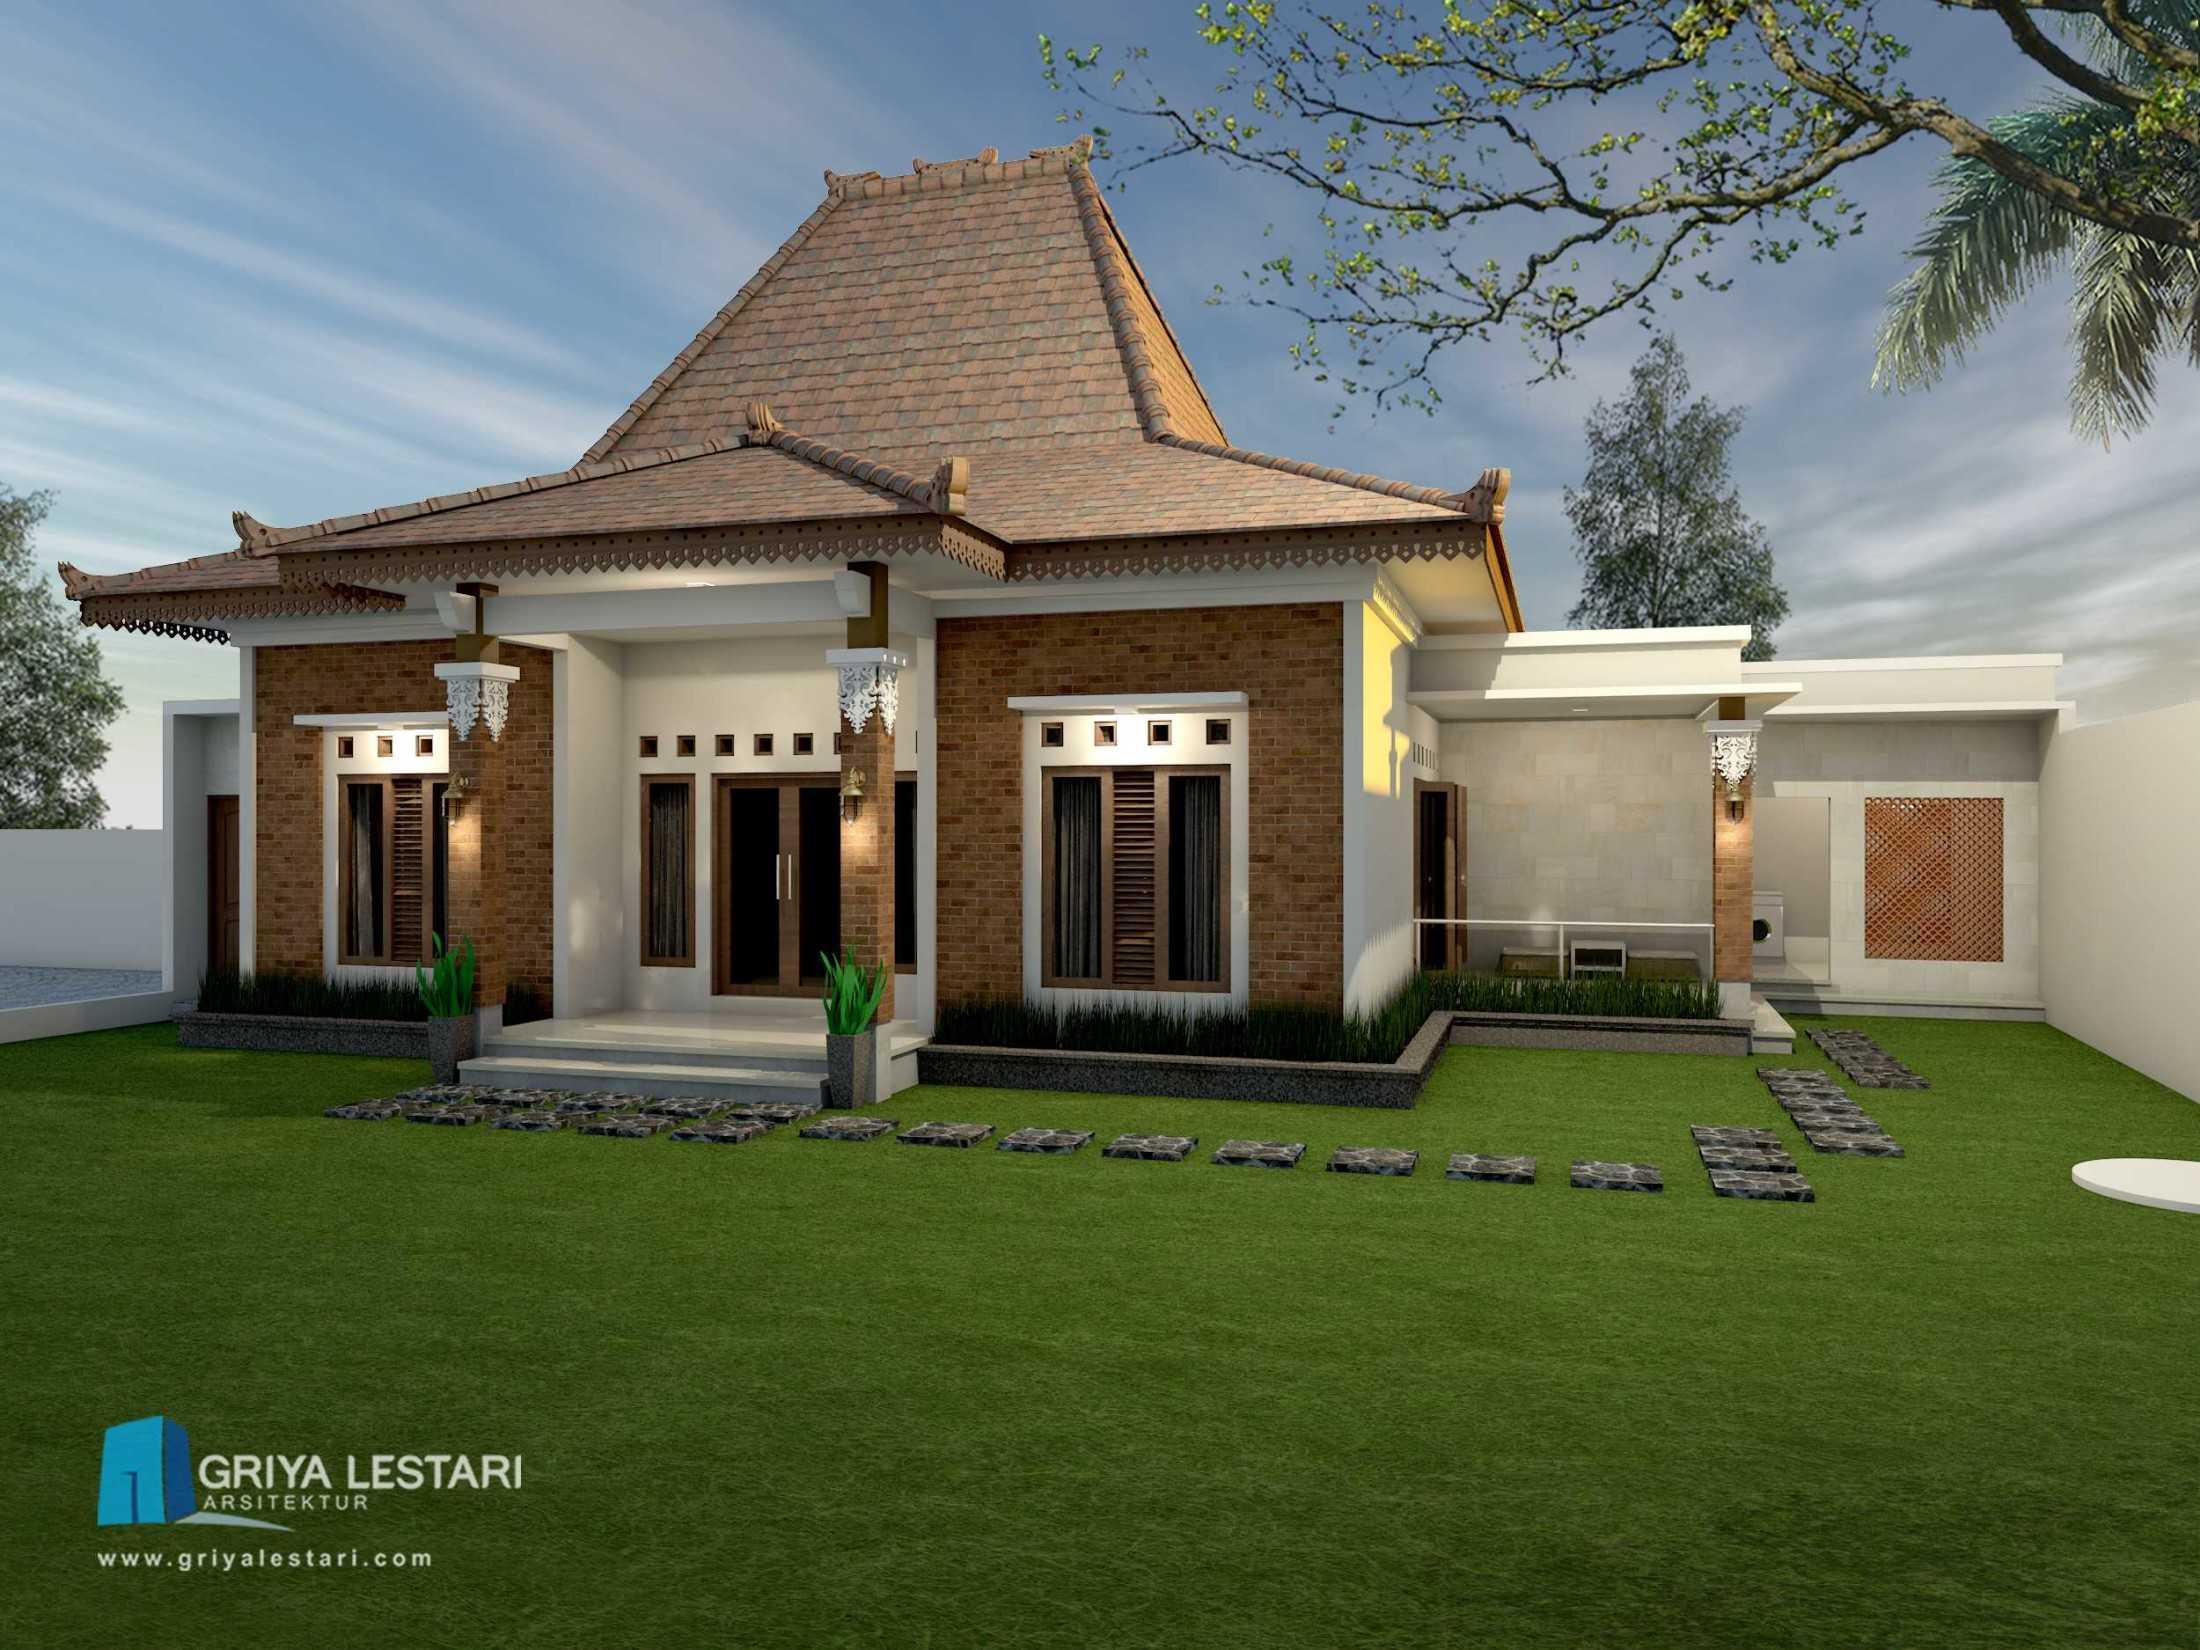 Project Desain Rumah Joglo Desain Arsitek Oleh Griya Lestari